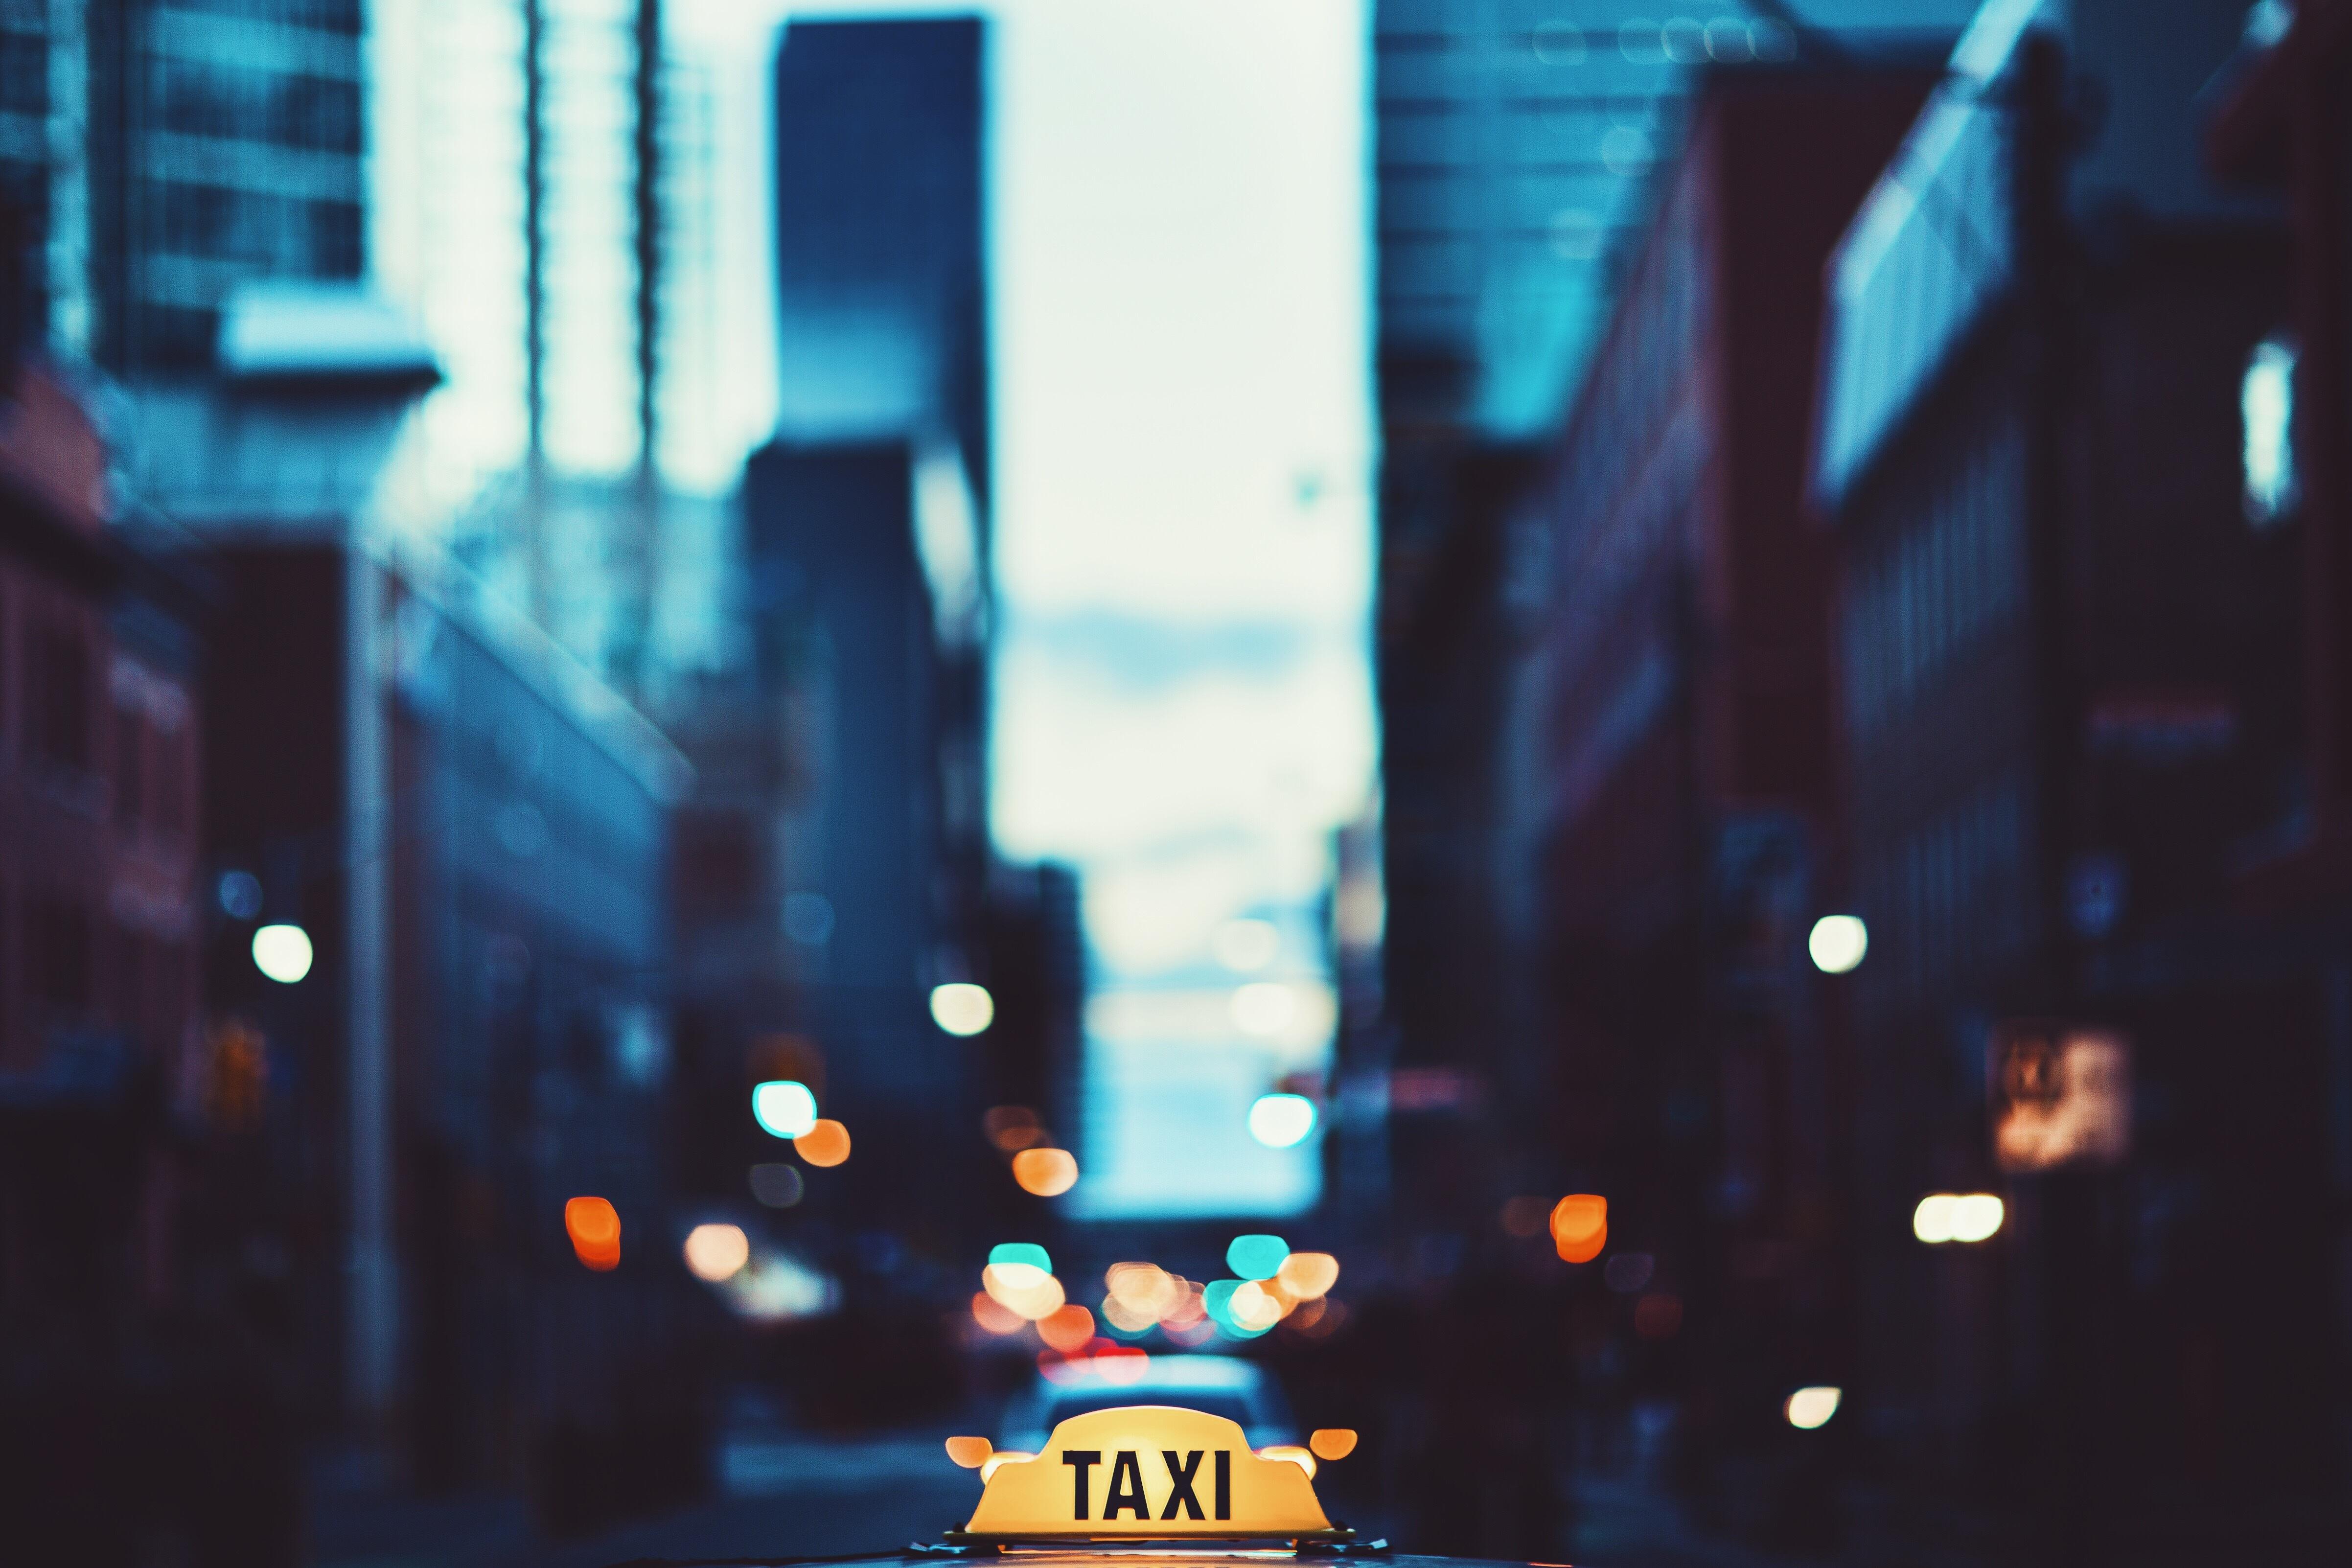 Скачать бесплатно taxi на компьютер